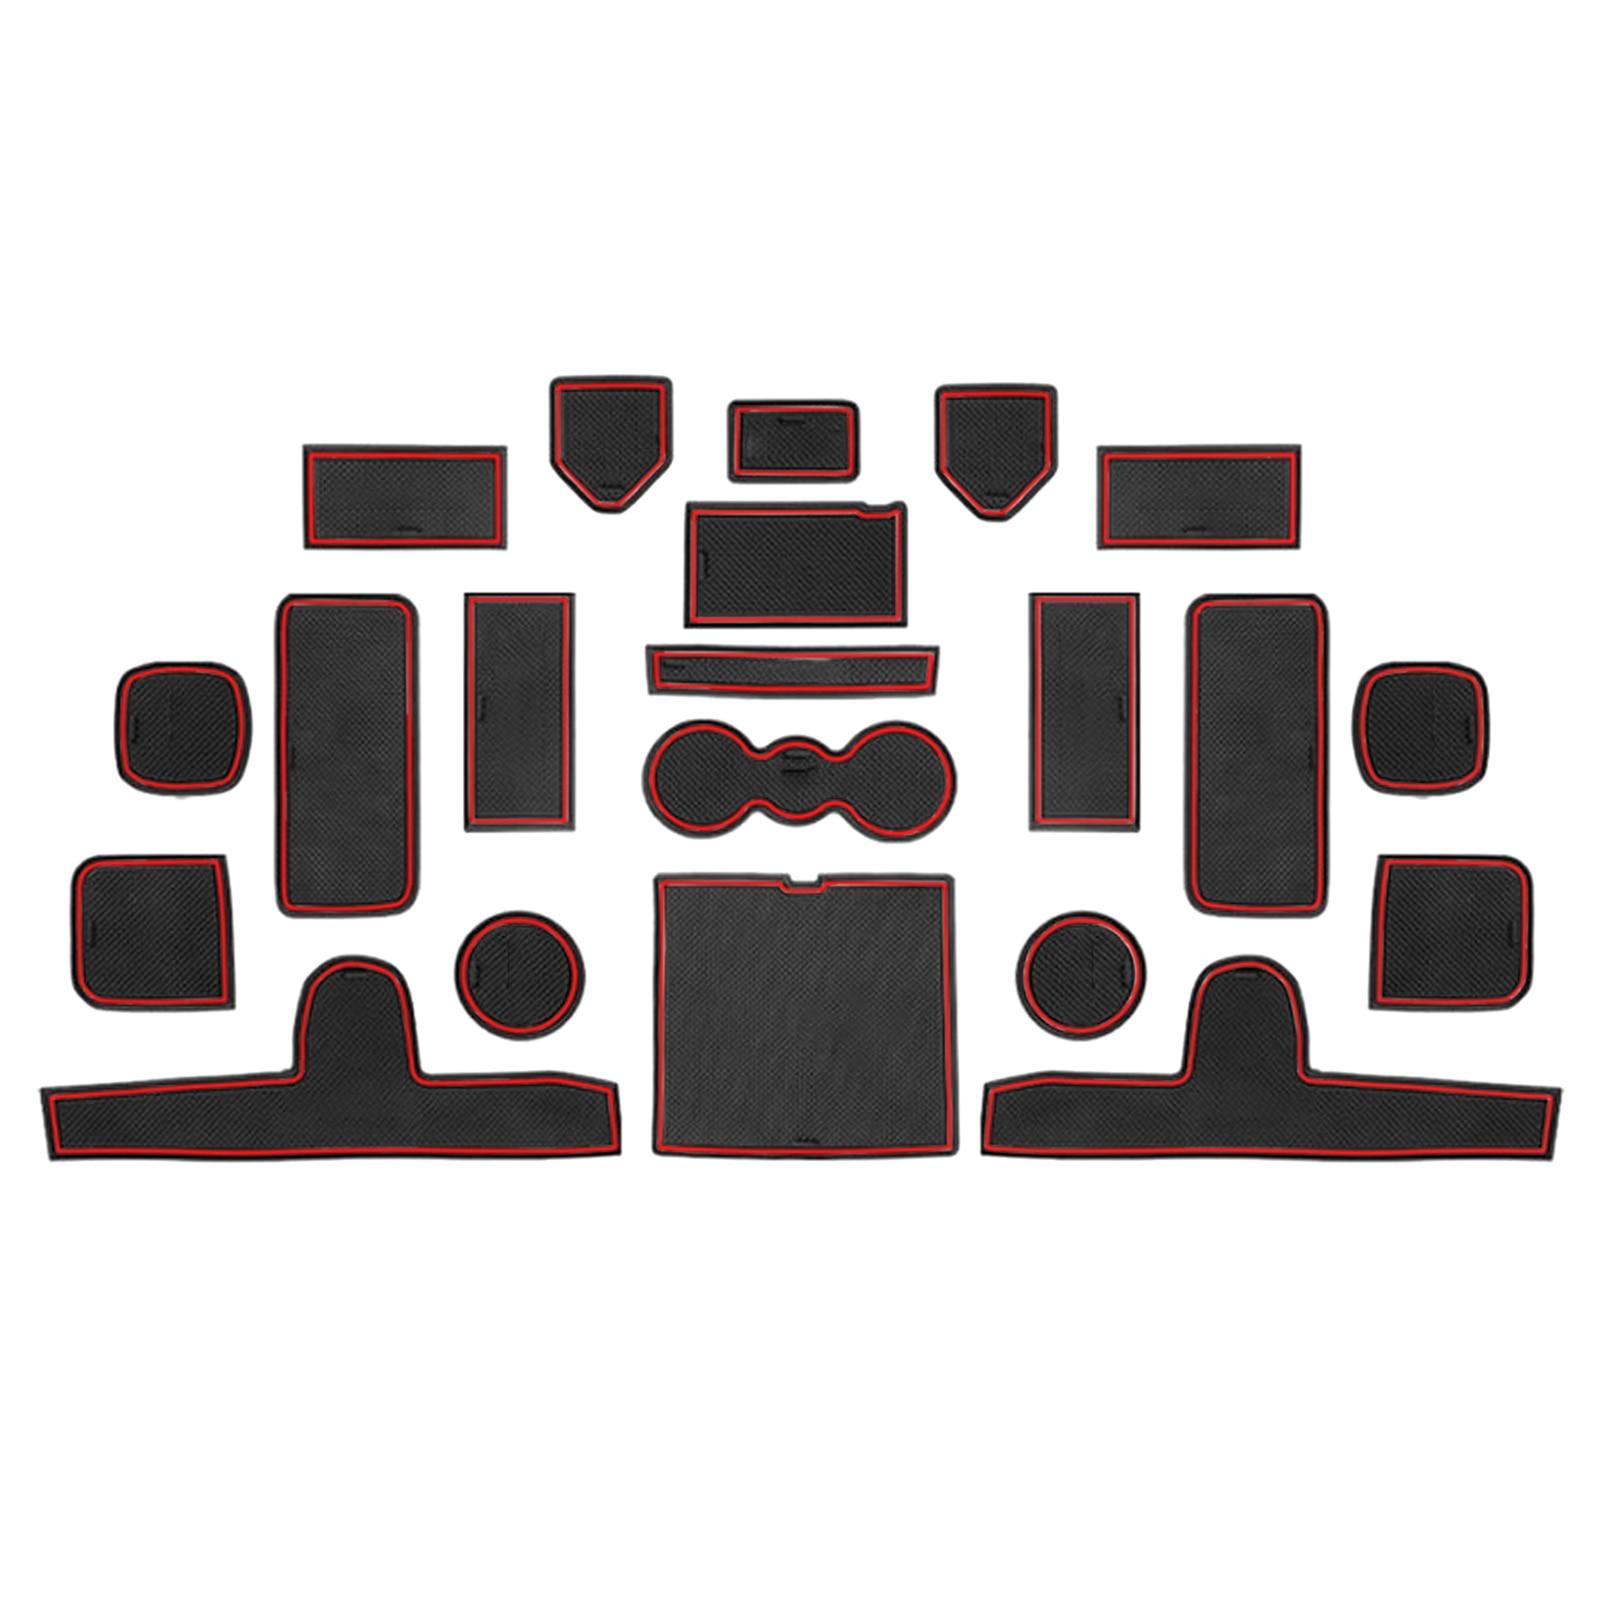 Color : Red JUZZQ For OPTIMA 2016 2017 2018 2019 Car Groove Non-Slip Mat Door Slot Pad Interior Rubber Mats Door Slot Pad Cup Holder Mat Rubber 15pcs